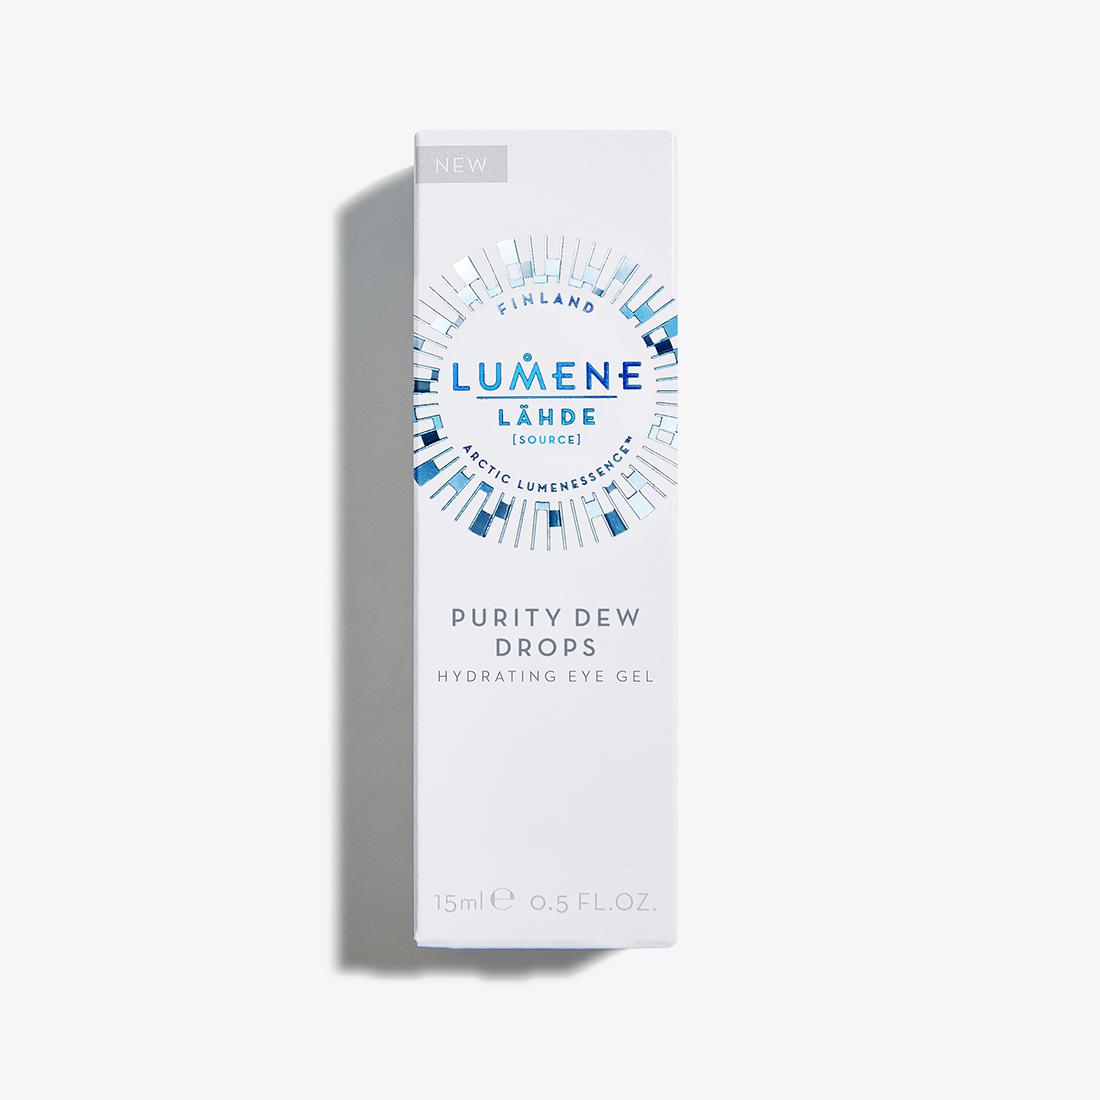 Drėkinantis paakių gelis LUMENE LÄHDE Pure Dew Drops, 15 ml